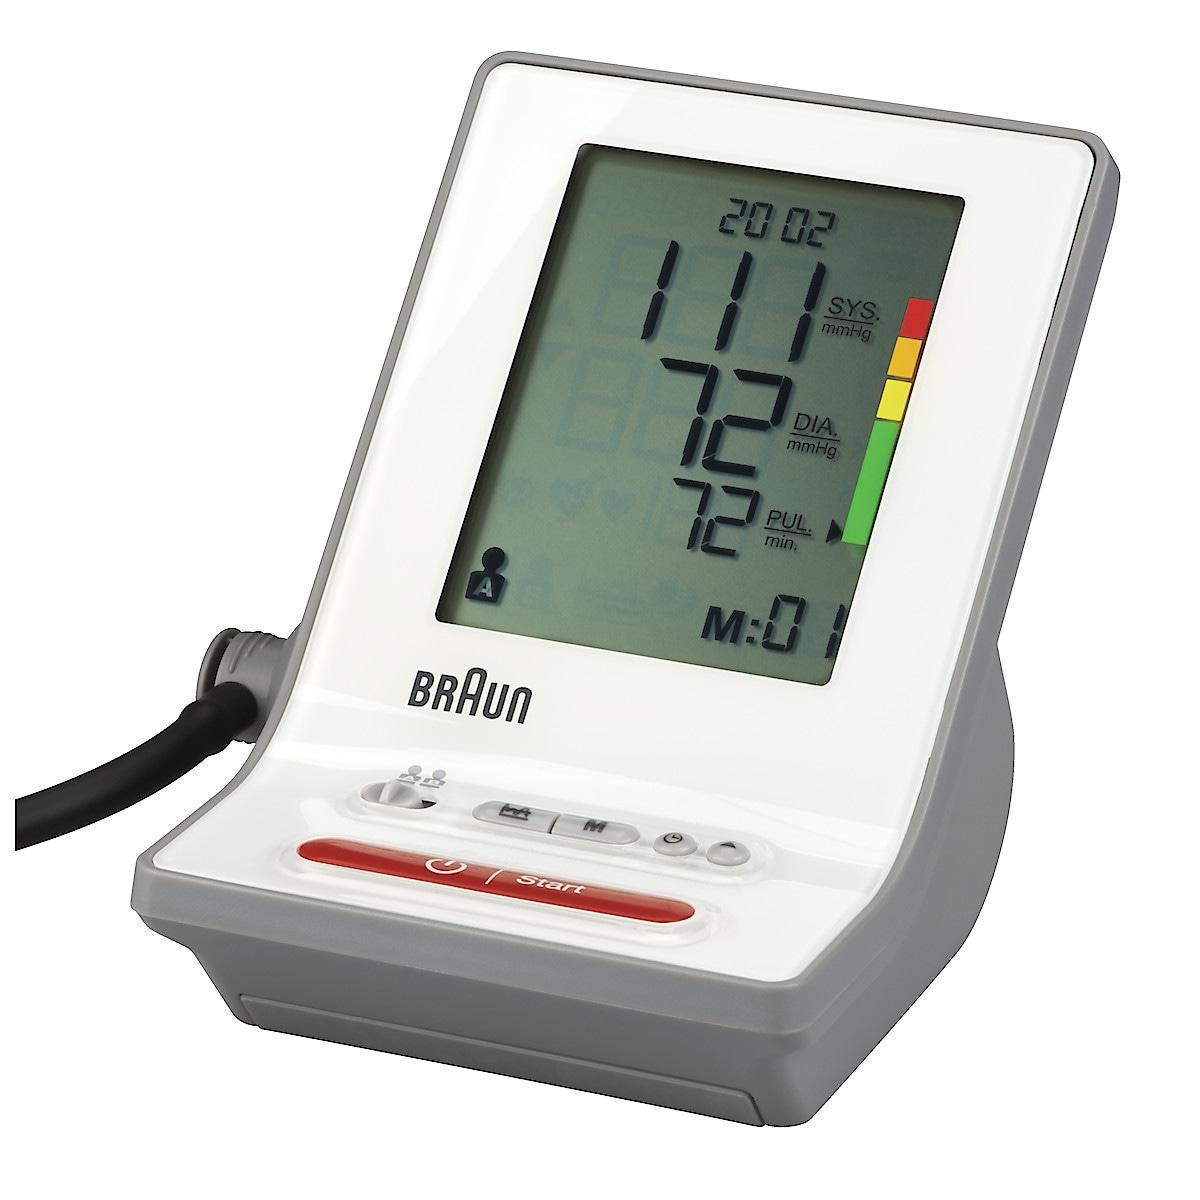 Braun BP 6000 Exact Fit 3 blodtrykksmåler